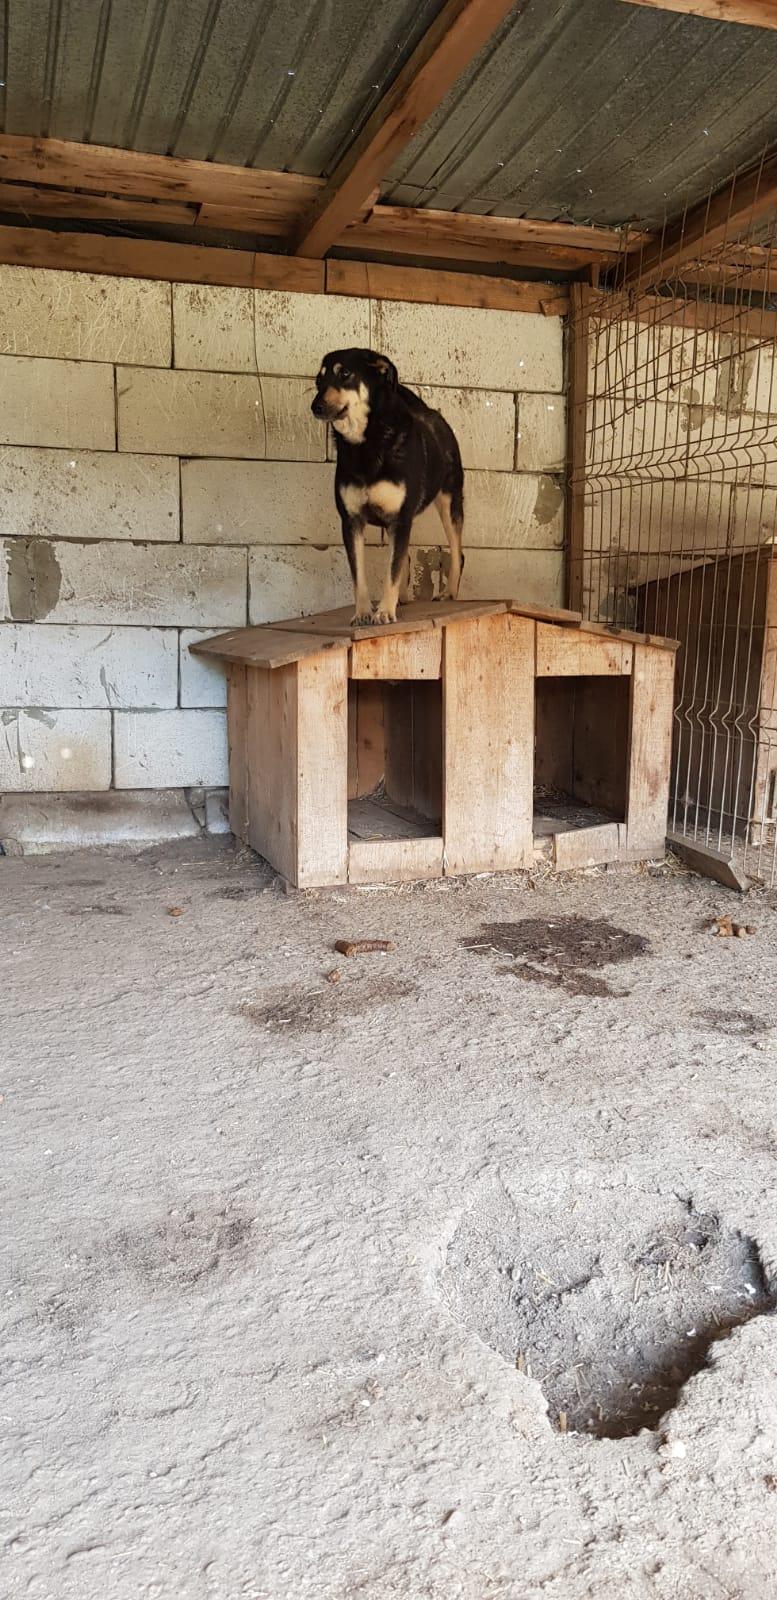 SOUKI, Femelle type berger, née en 2014 - Noire et crème- marrainée par Myri_Bonnie -R-SC-SOS- Souki_17